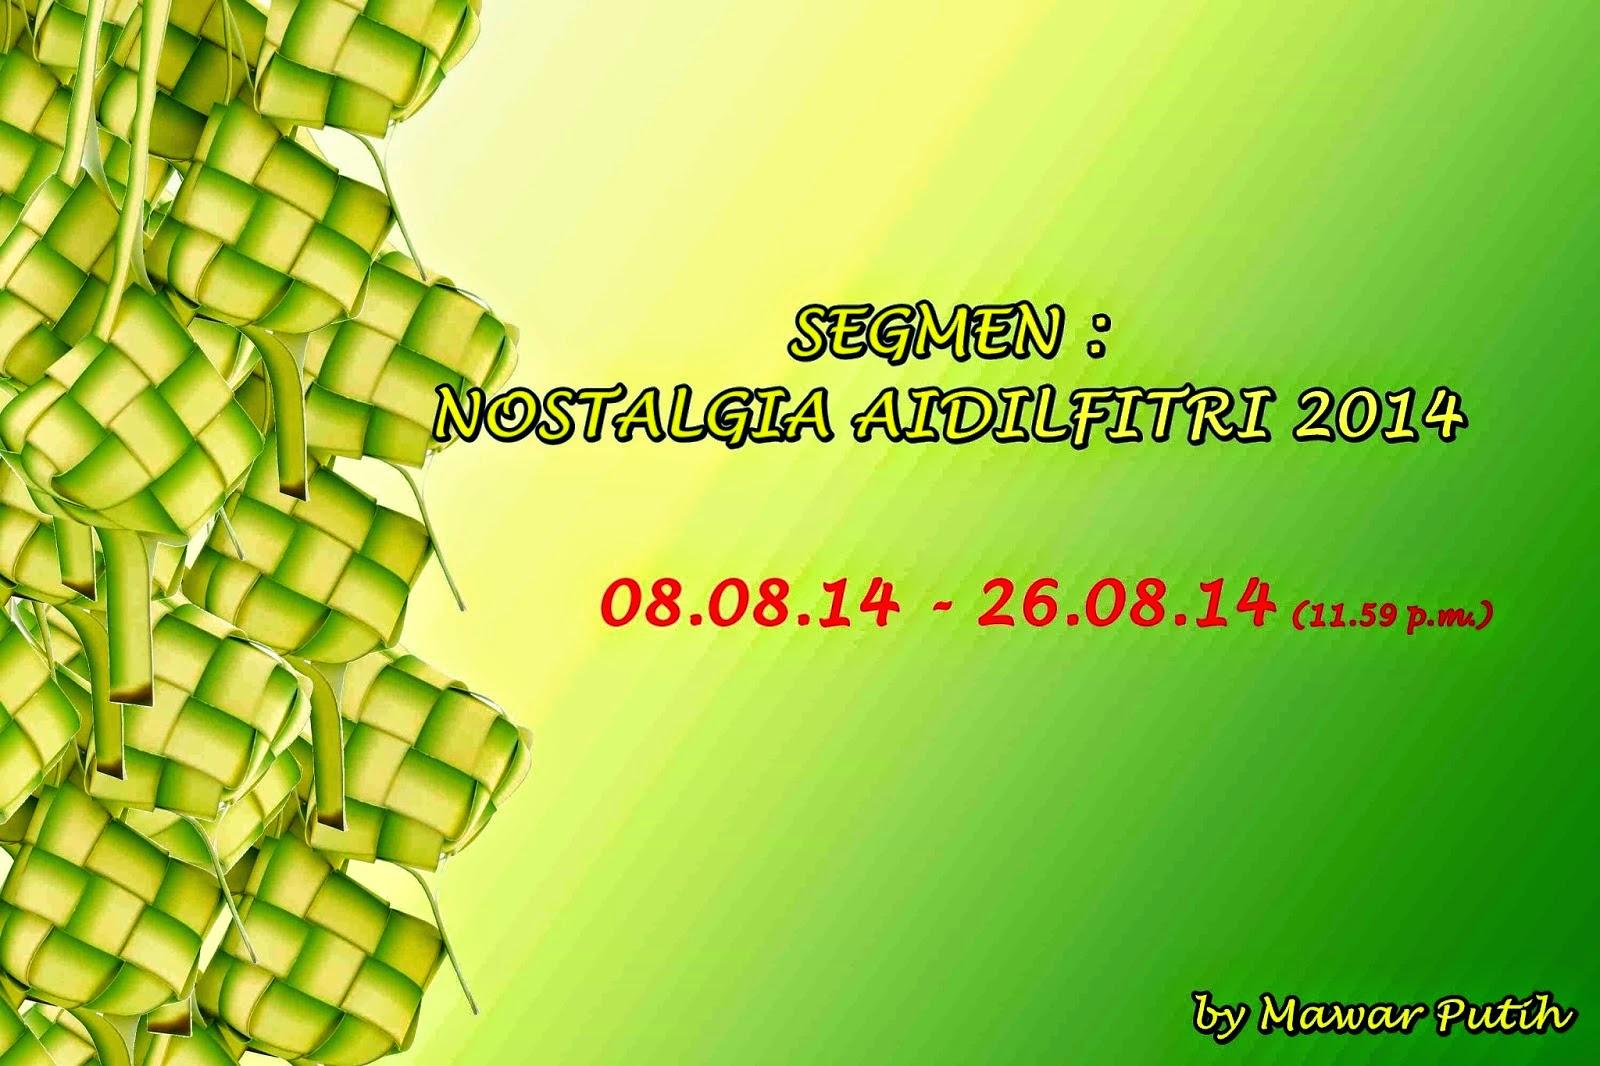 http://whiteroses2013.blogspot.com/2014/08/segmen-nostalgia-aidilfitri-2014-by_8.html